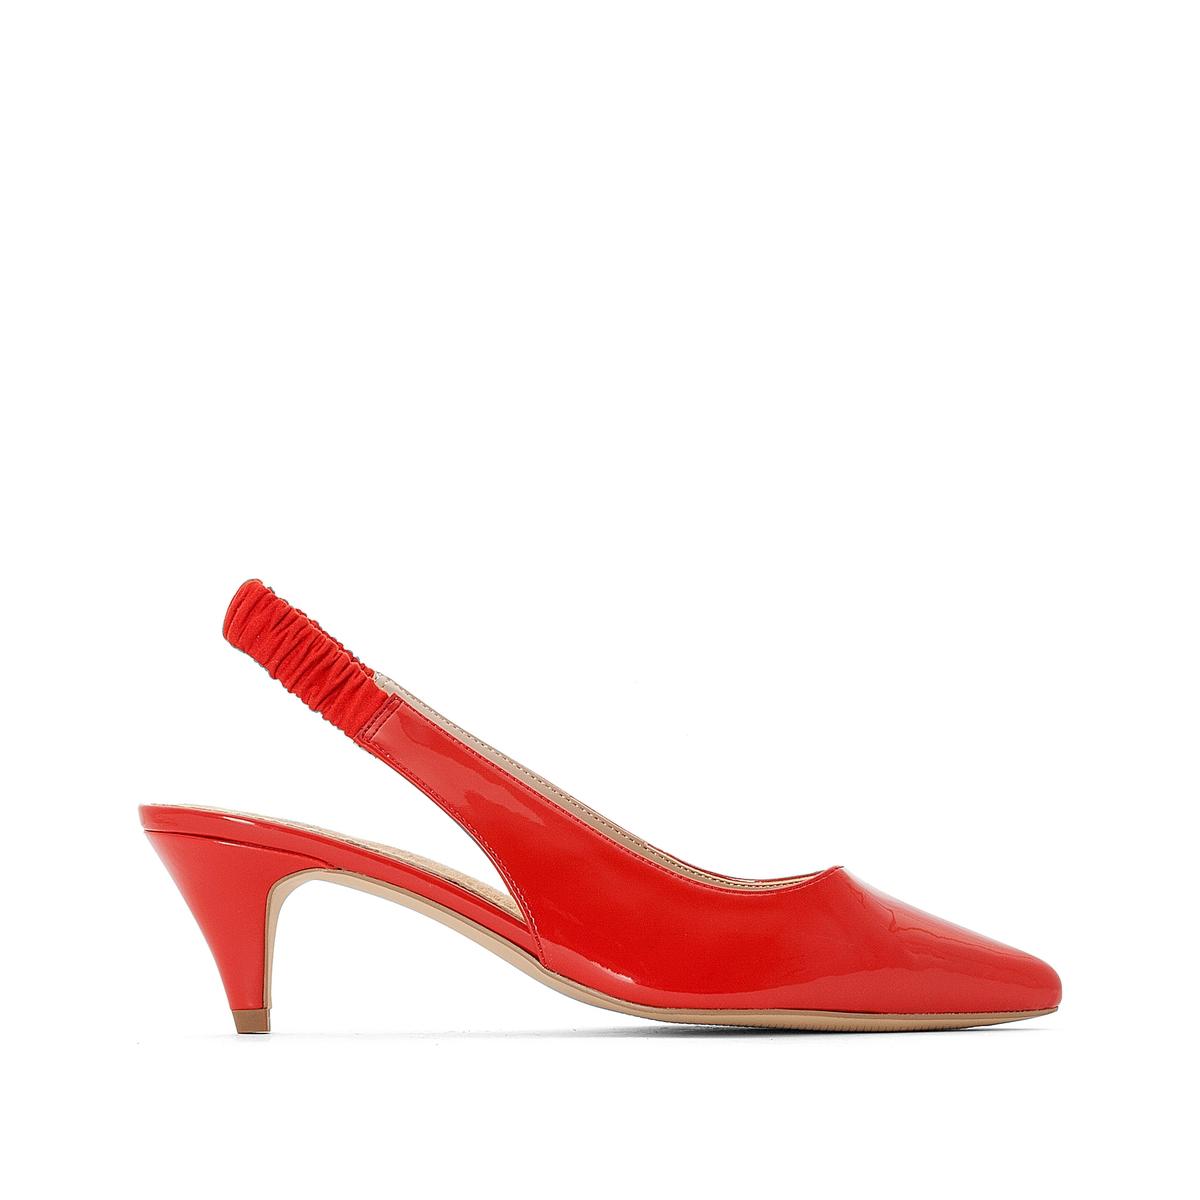 цена на Туфли La Redoute Открытые на каблуке с эластичным ремешком 38 красный